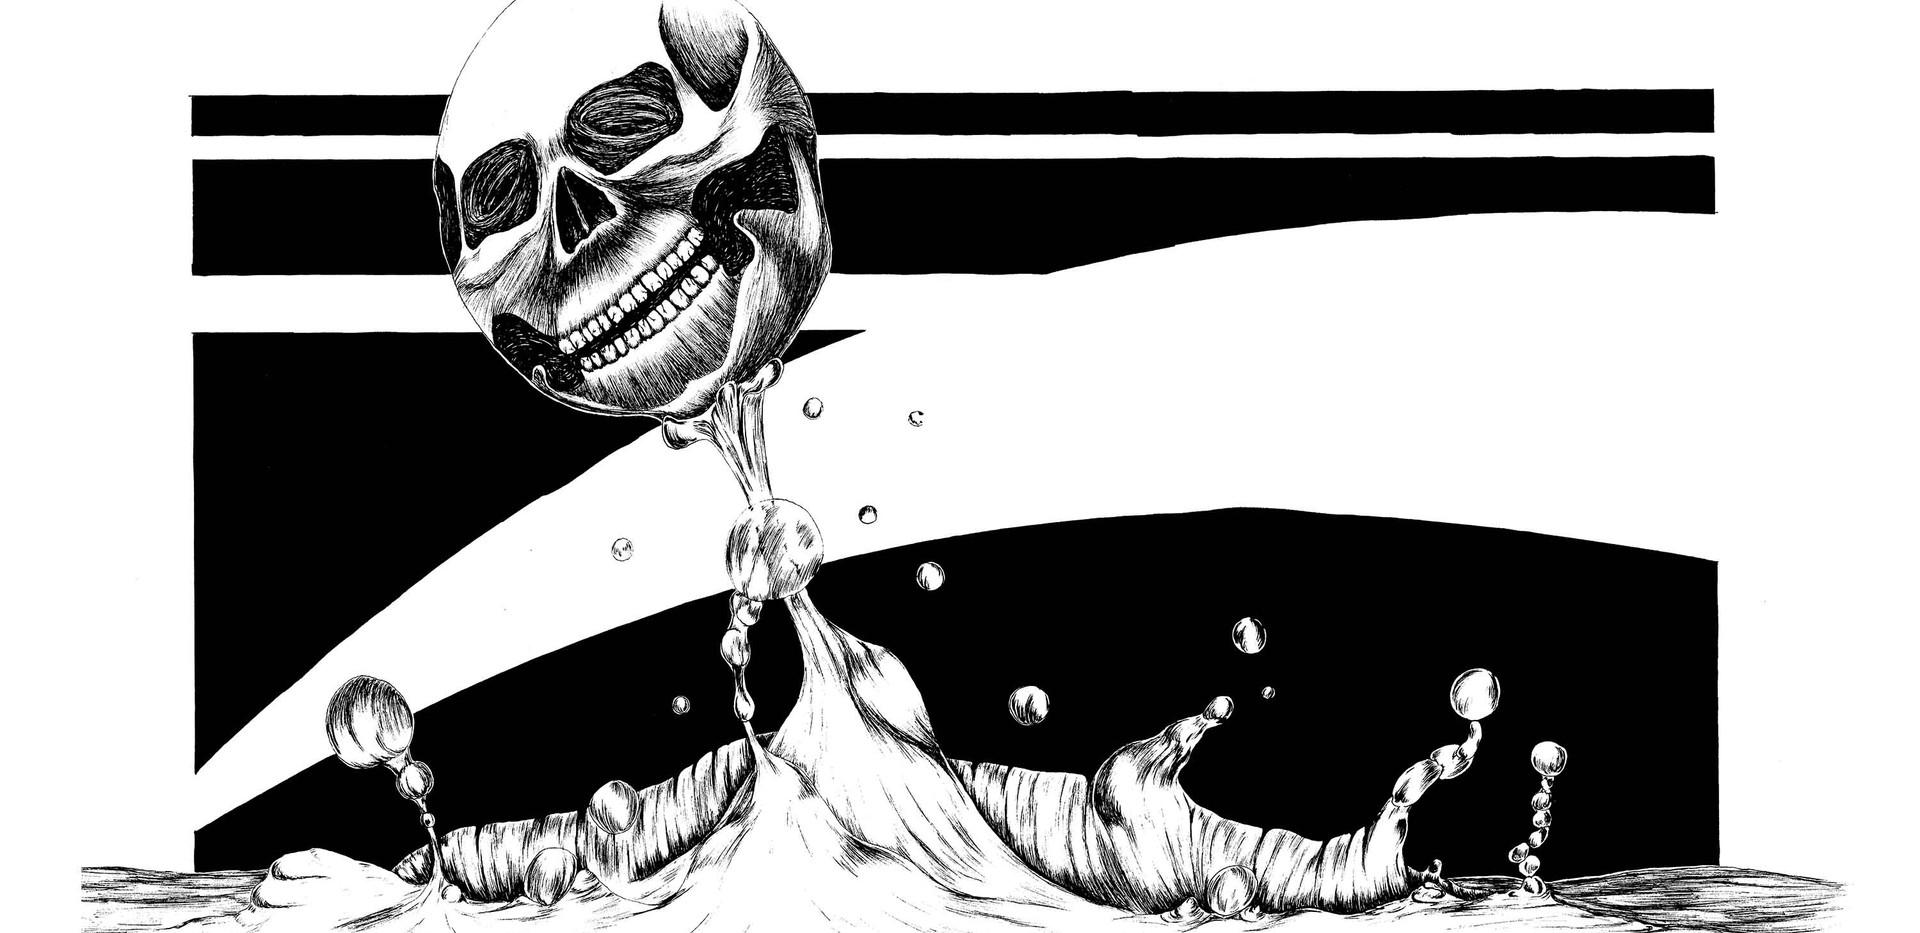 WateryDeath_thumb.jpg